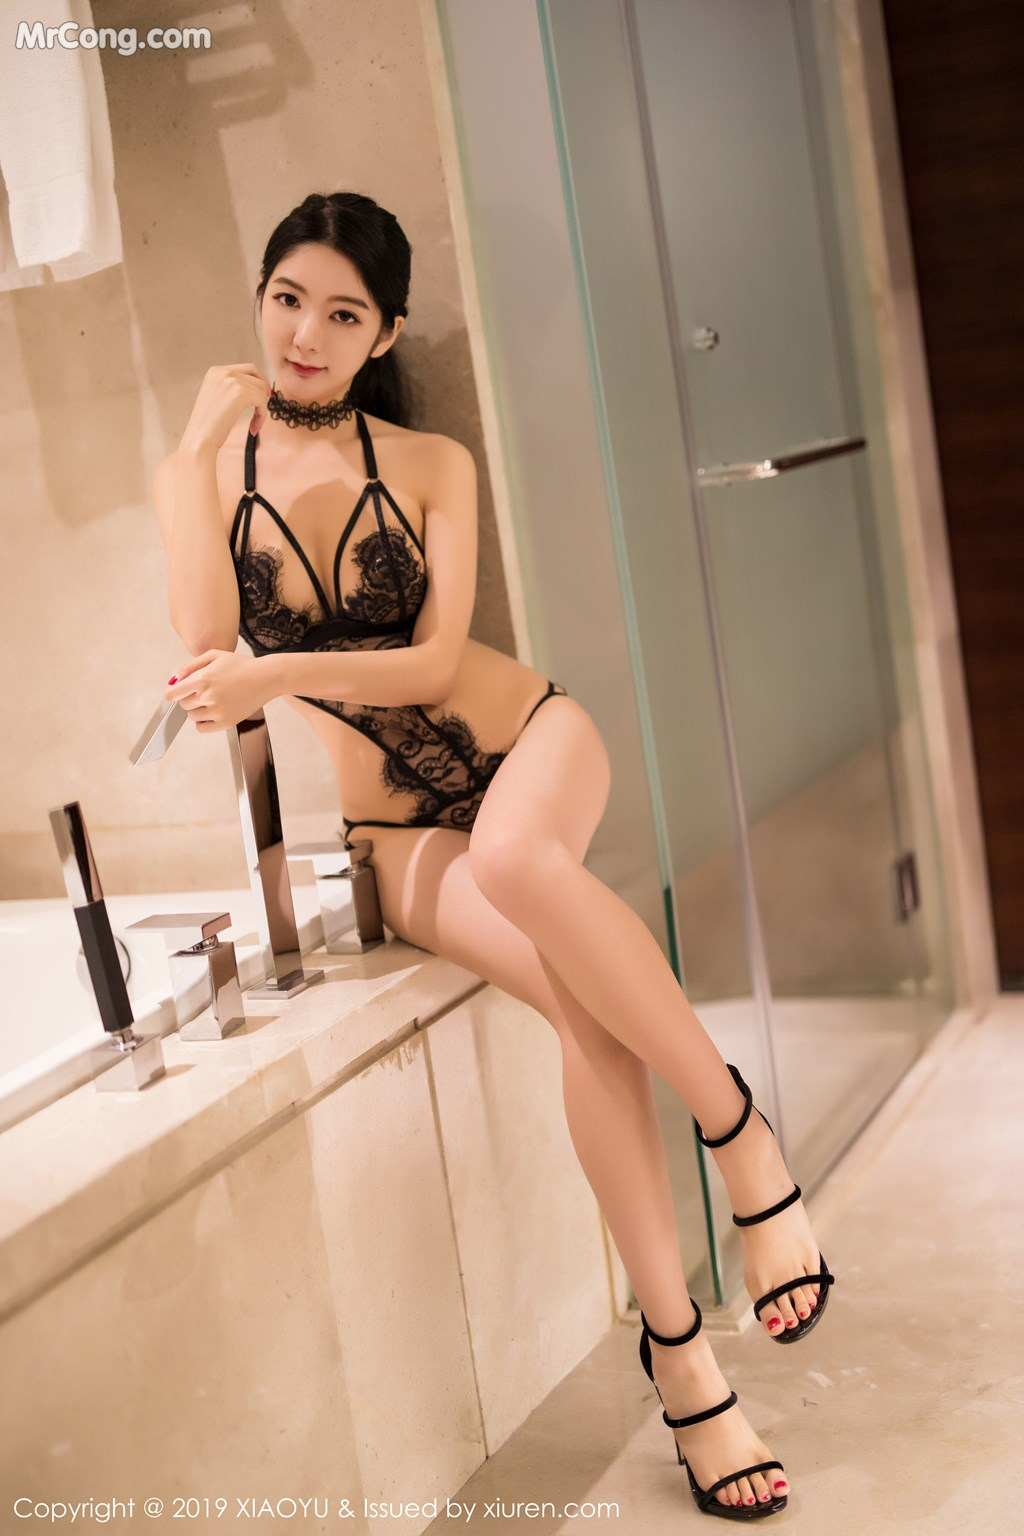 Image XiaoYu-Vol.041-Xiao-Reba-Angela-MrCong.com-012 in post XiaoYu Vol.041: Xiao Reba (Angela喜欢猫) (43 ảnh)